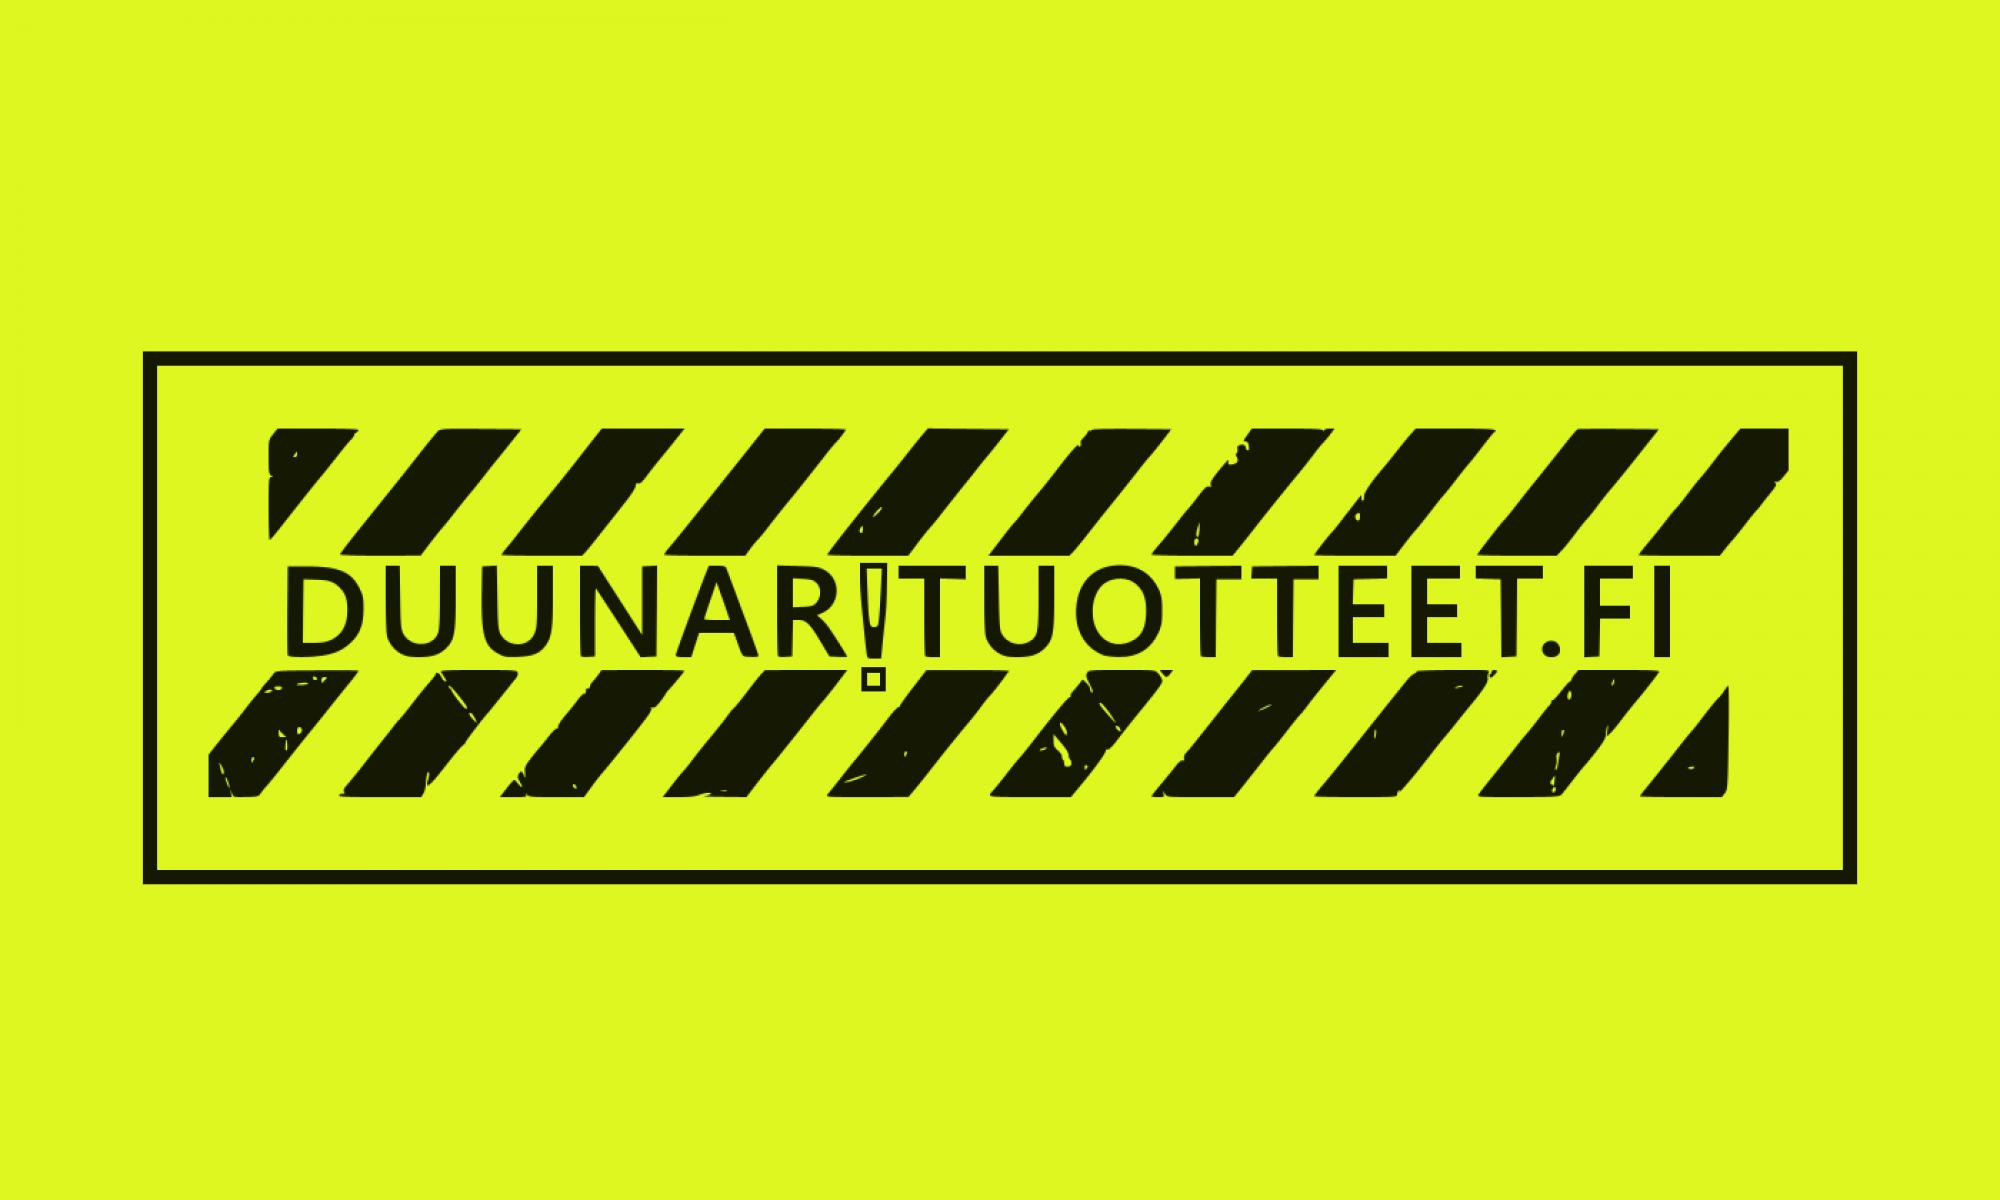 duunarituotteet.fi - verkkokauppa